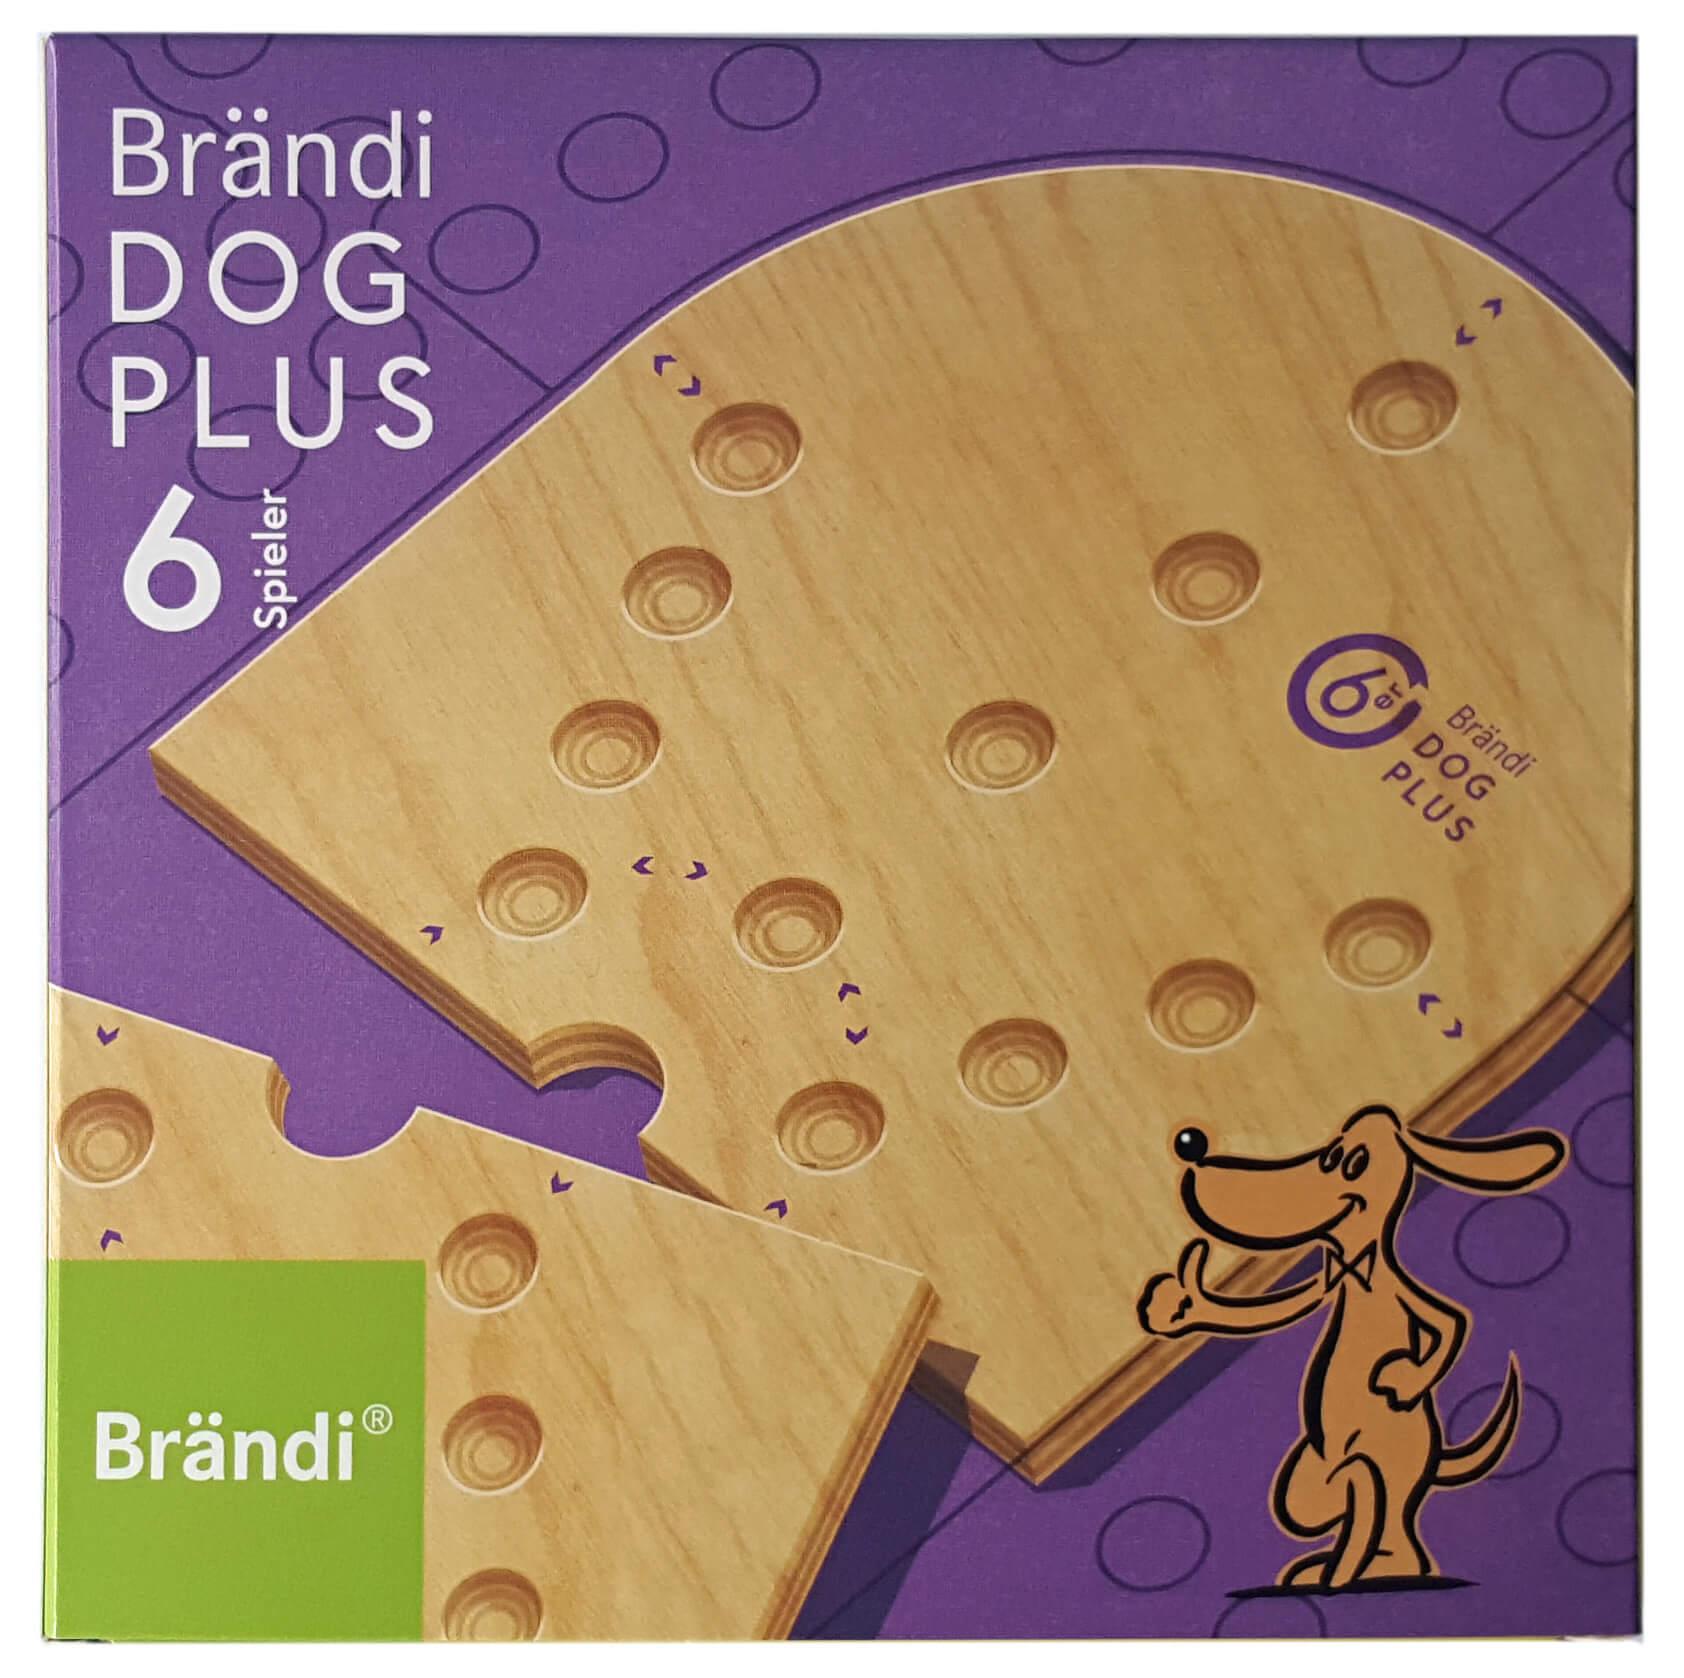 Schachtel Vorderseite- Brändi Dog Plus per 6 giocatore